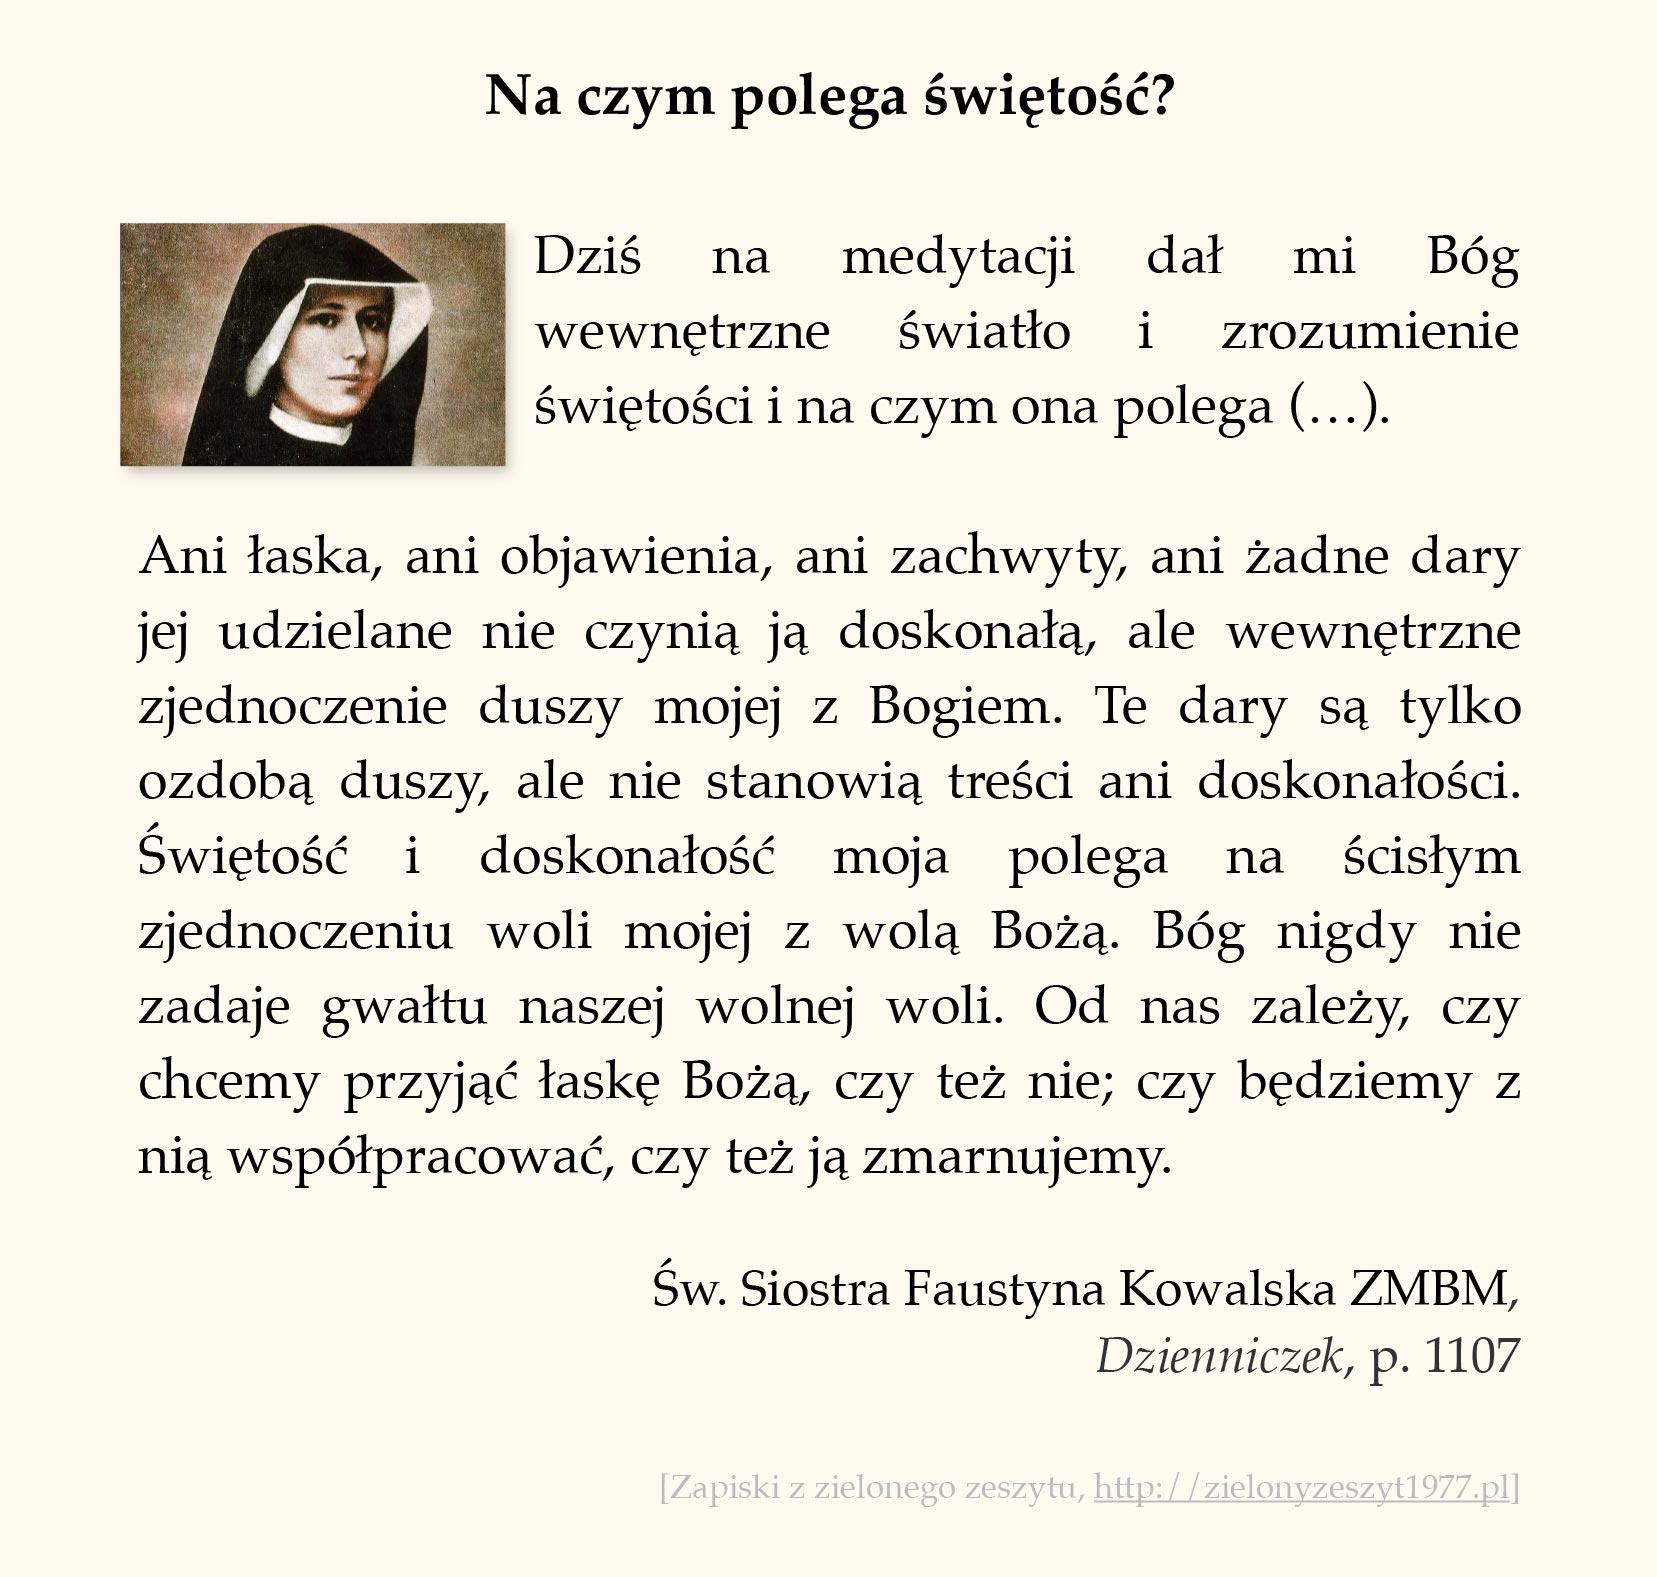 Na czym polega świętość? św. Faustyna Kowalska